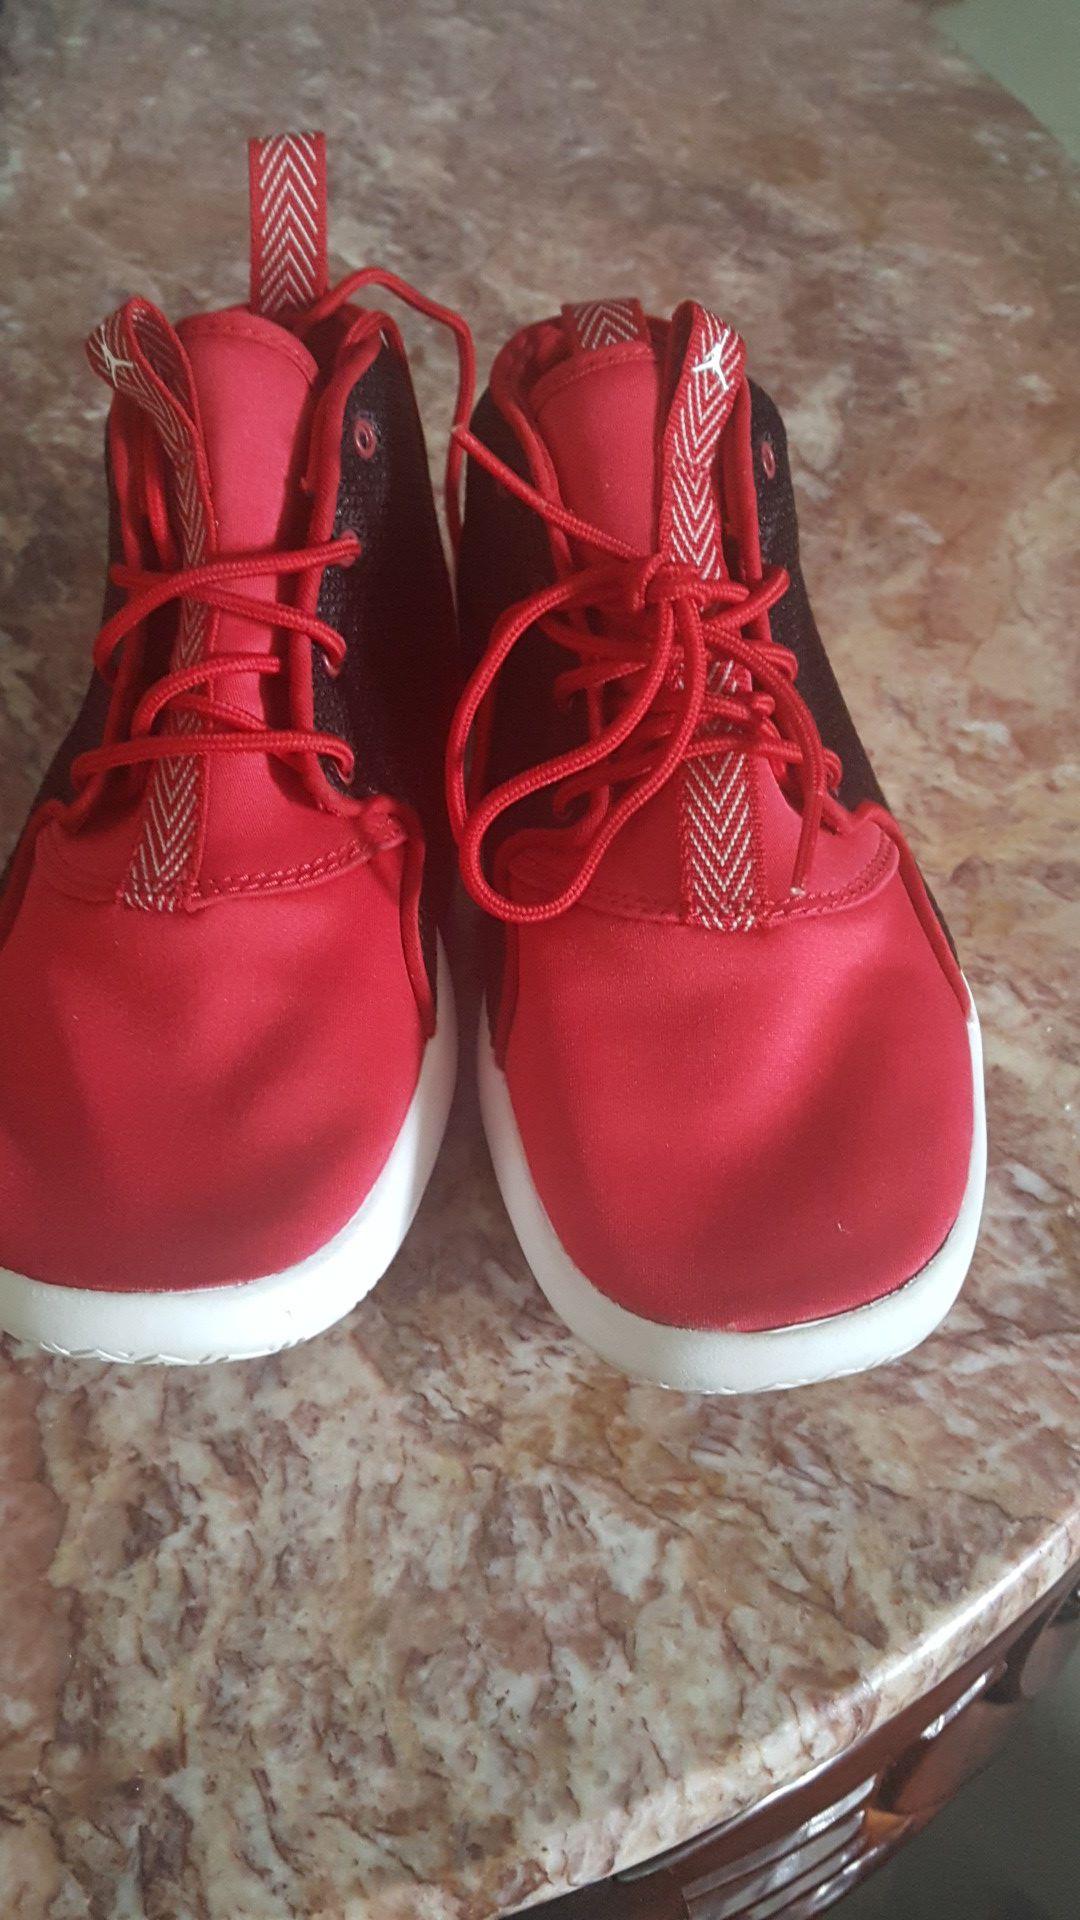 Jordan size 2y